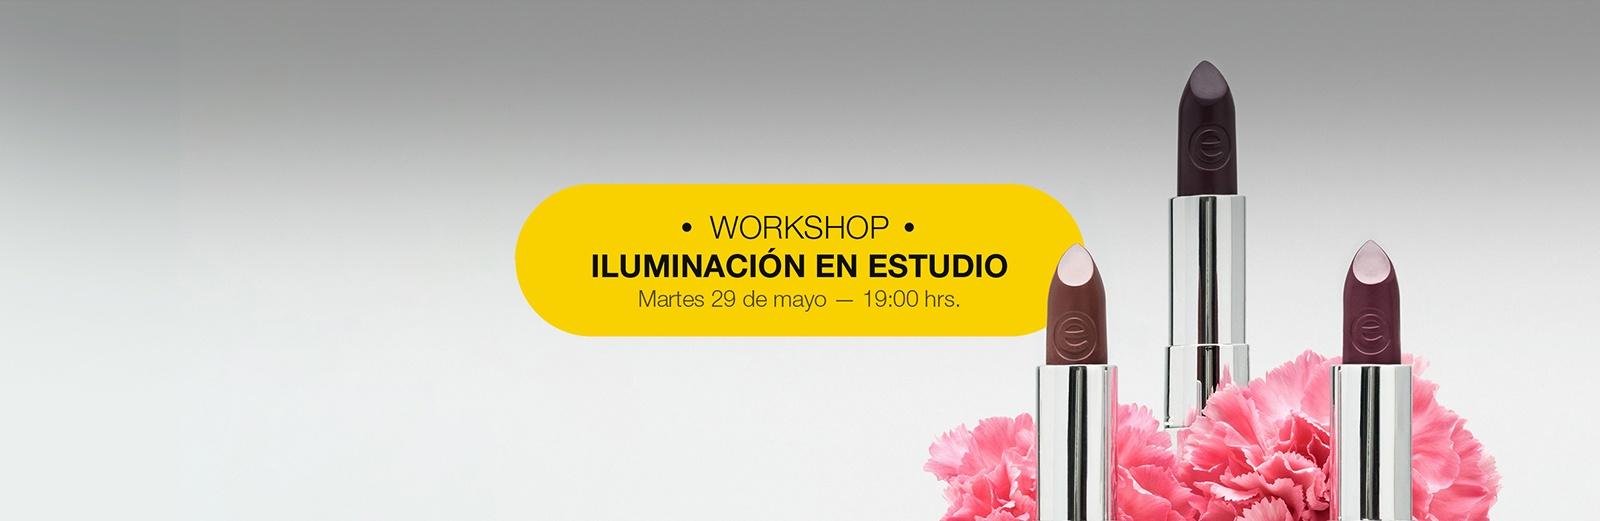 Workshop-Iluminación-en-estudio-Web